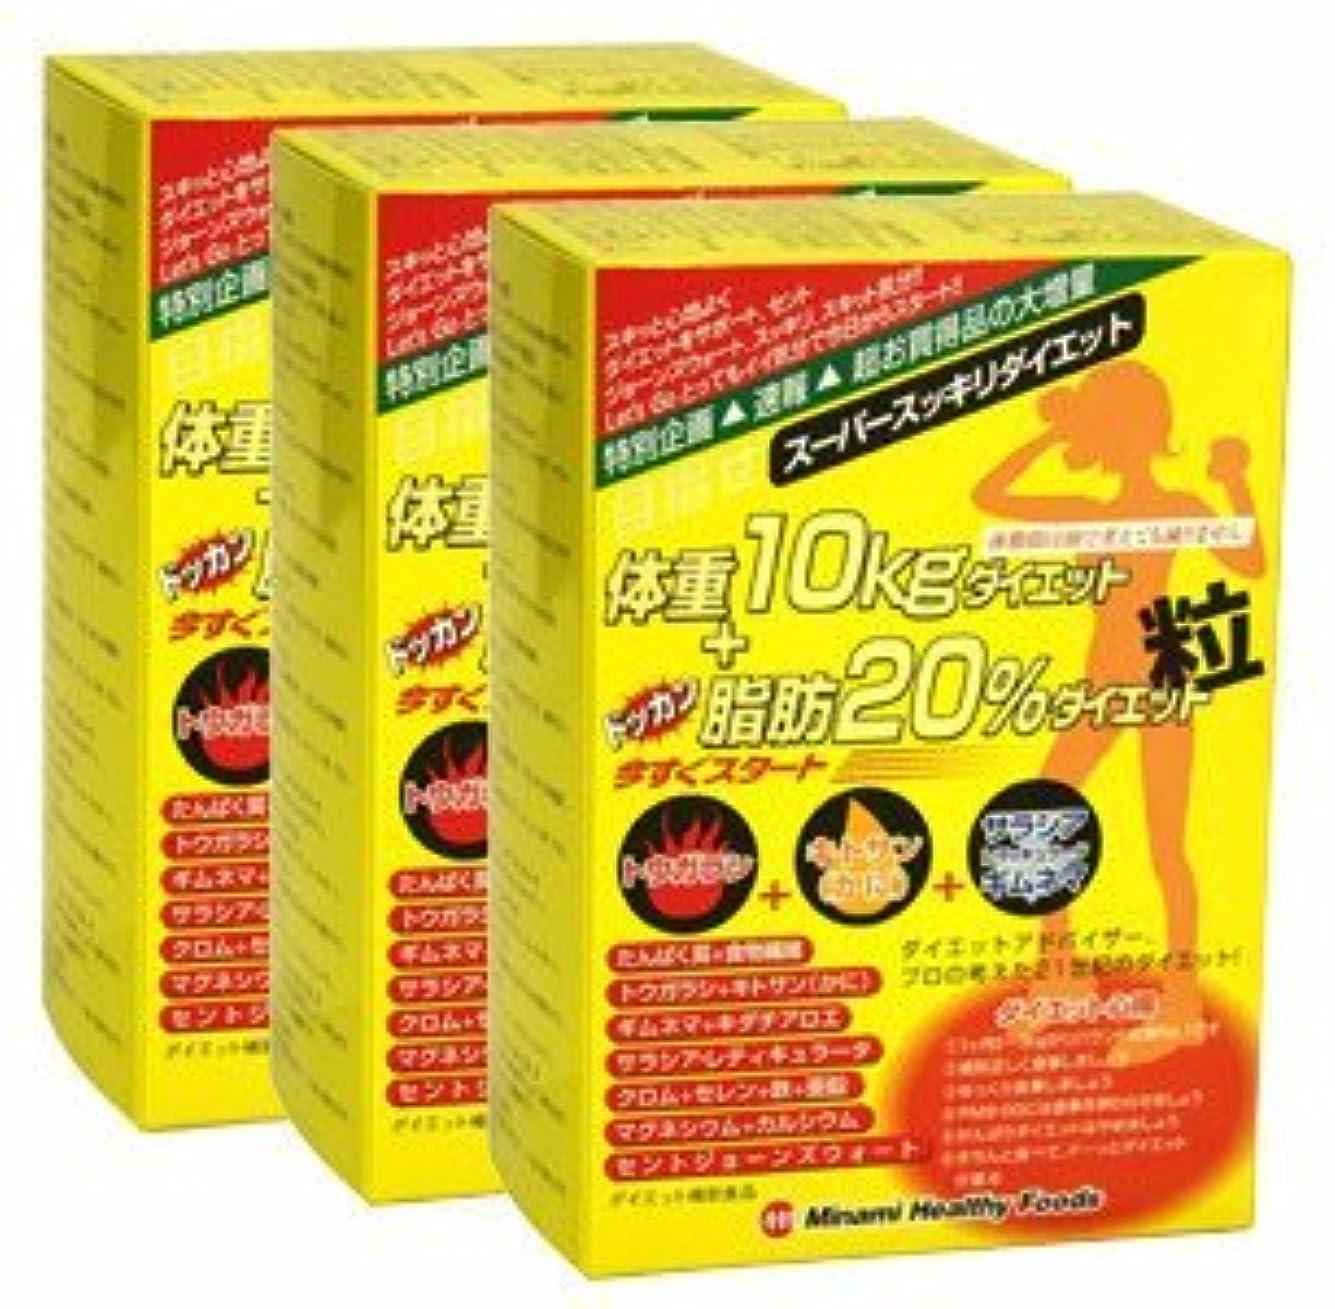 キャッシュ感じシネマ目指せ体重10kg+ドッカン脂肪20%ダイエット粒【3箱セット】ミナミヘルシーフーズ